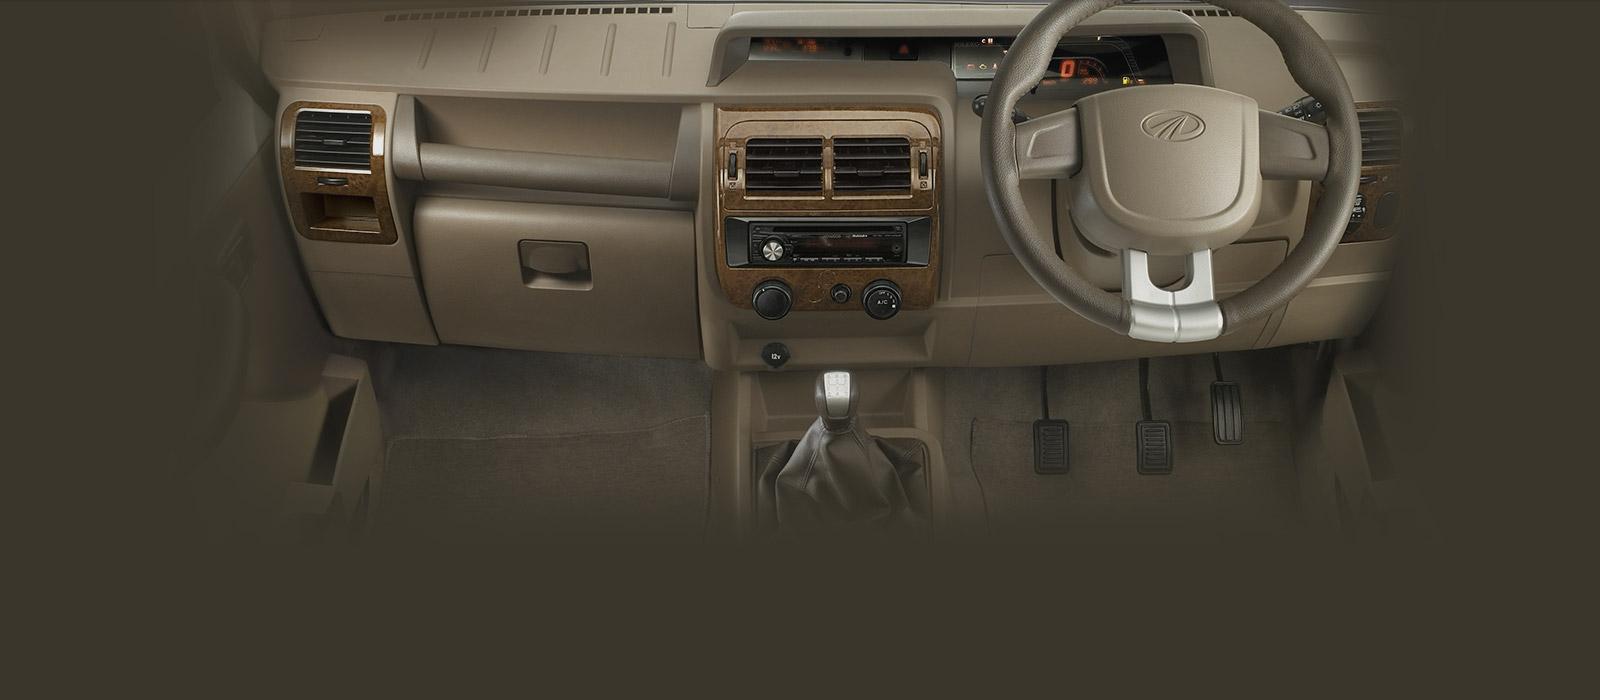 mahindra-bolero-power-interior-launched